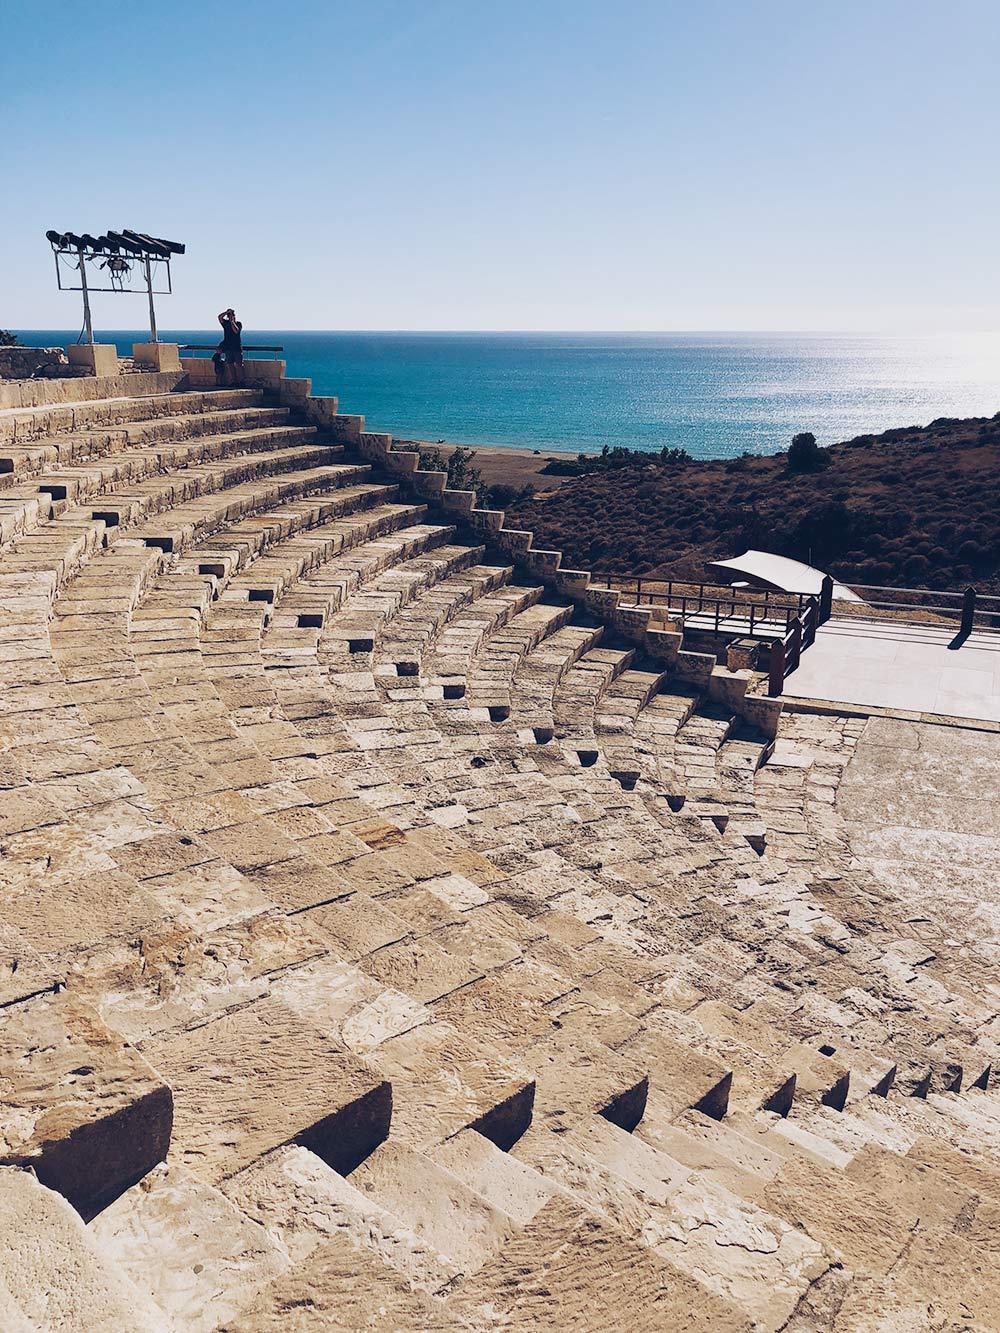 Остатки античных городов тоже есть. Этот амфитеатр Куриона полностью восстановили в 1961году